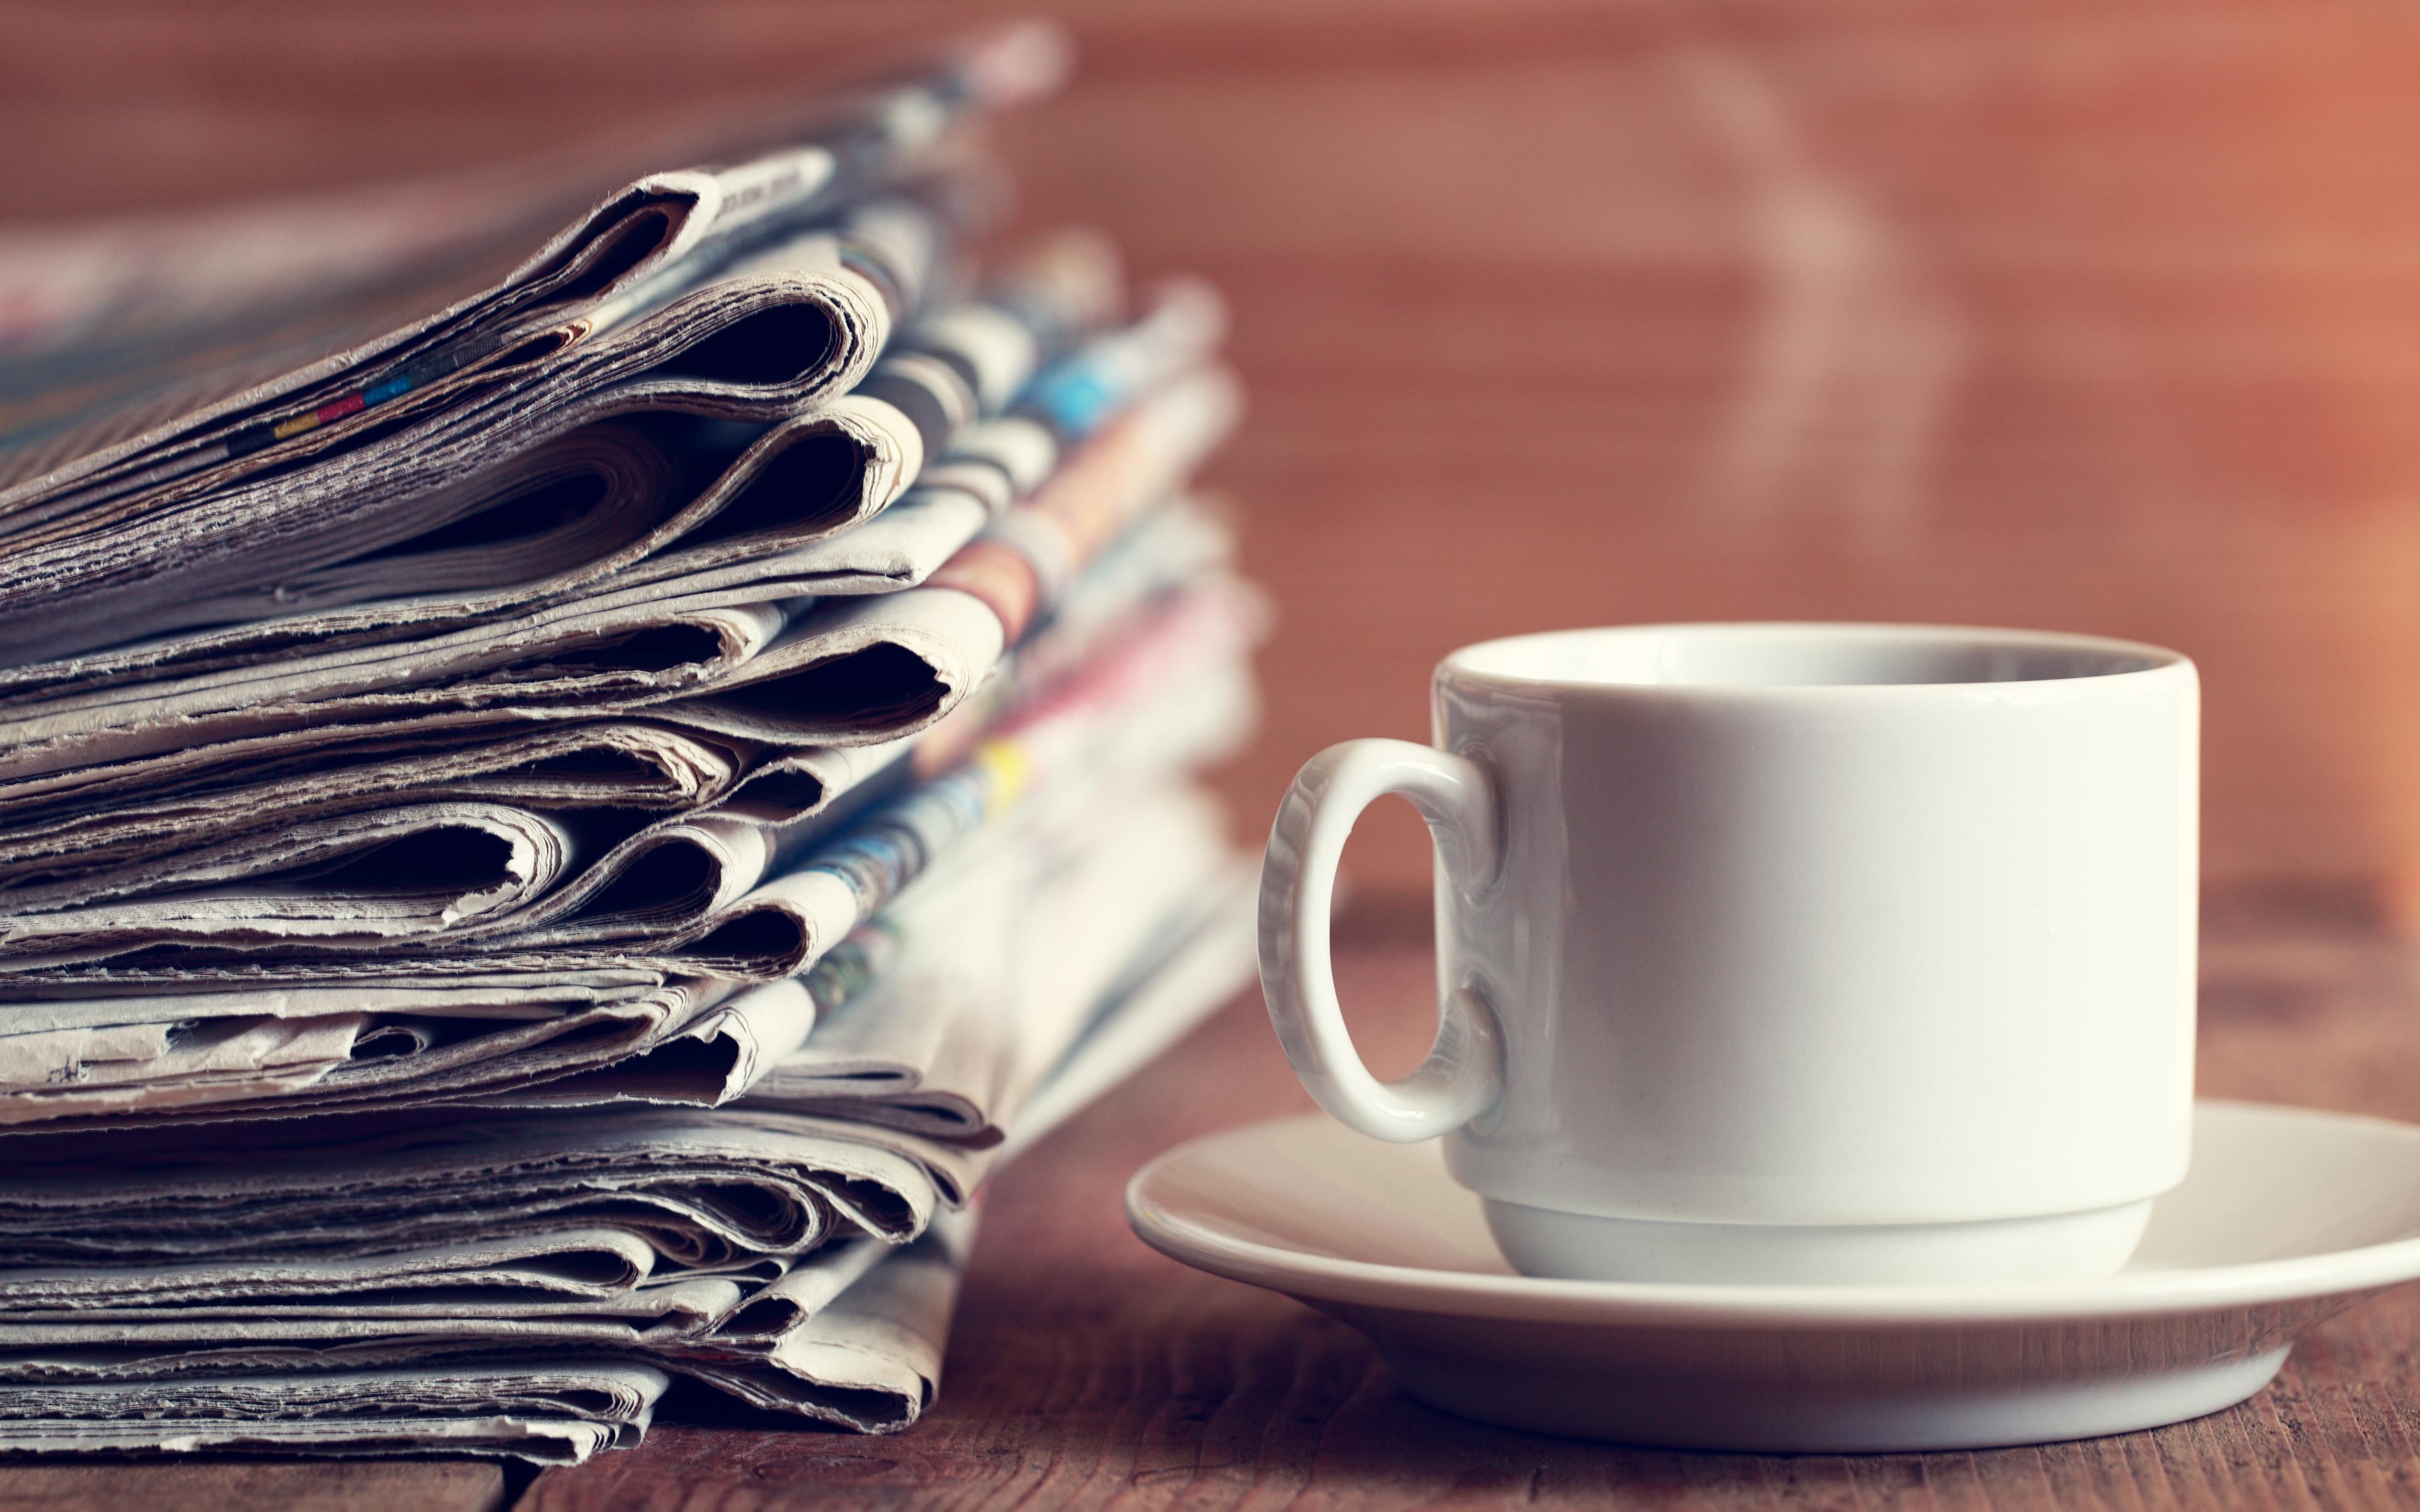 кого картинки с кофе и газетой индюшиных яиц